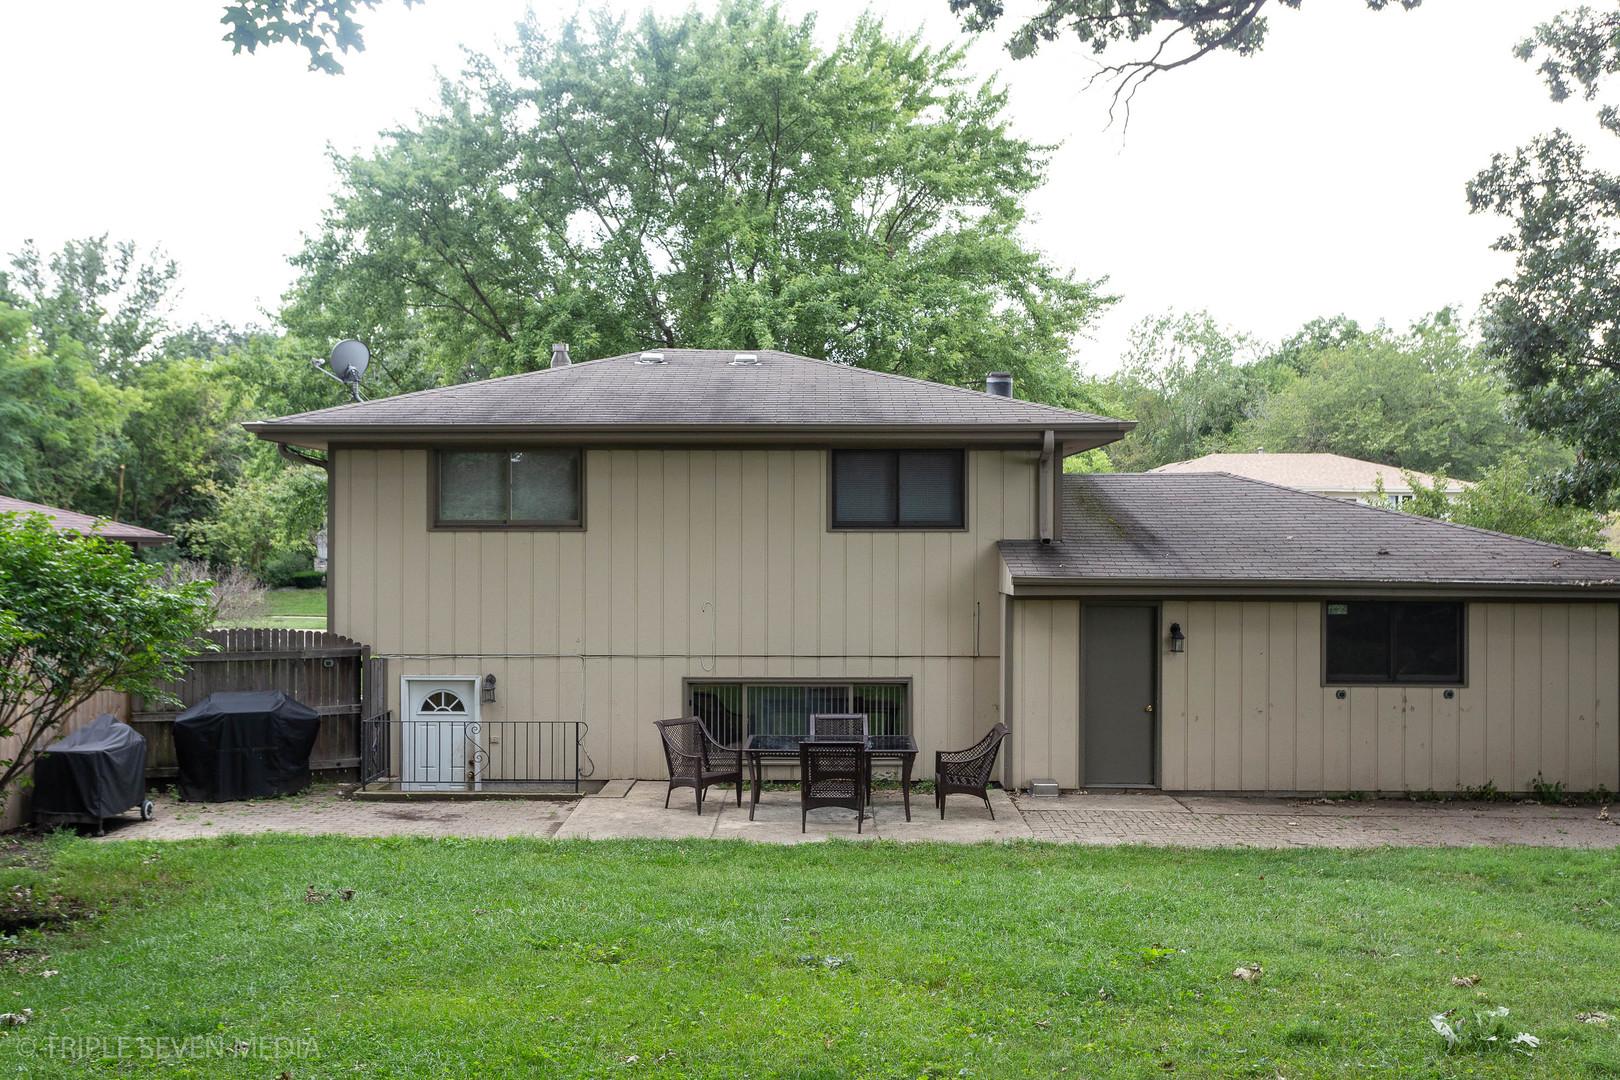 14951 Kilpatrick, Midlothian, Illinois, 60445